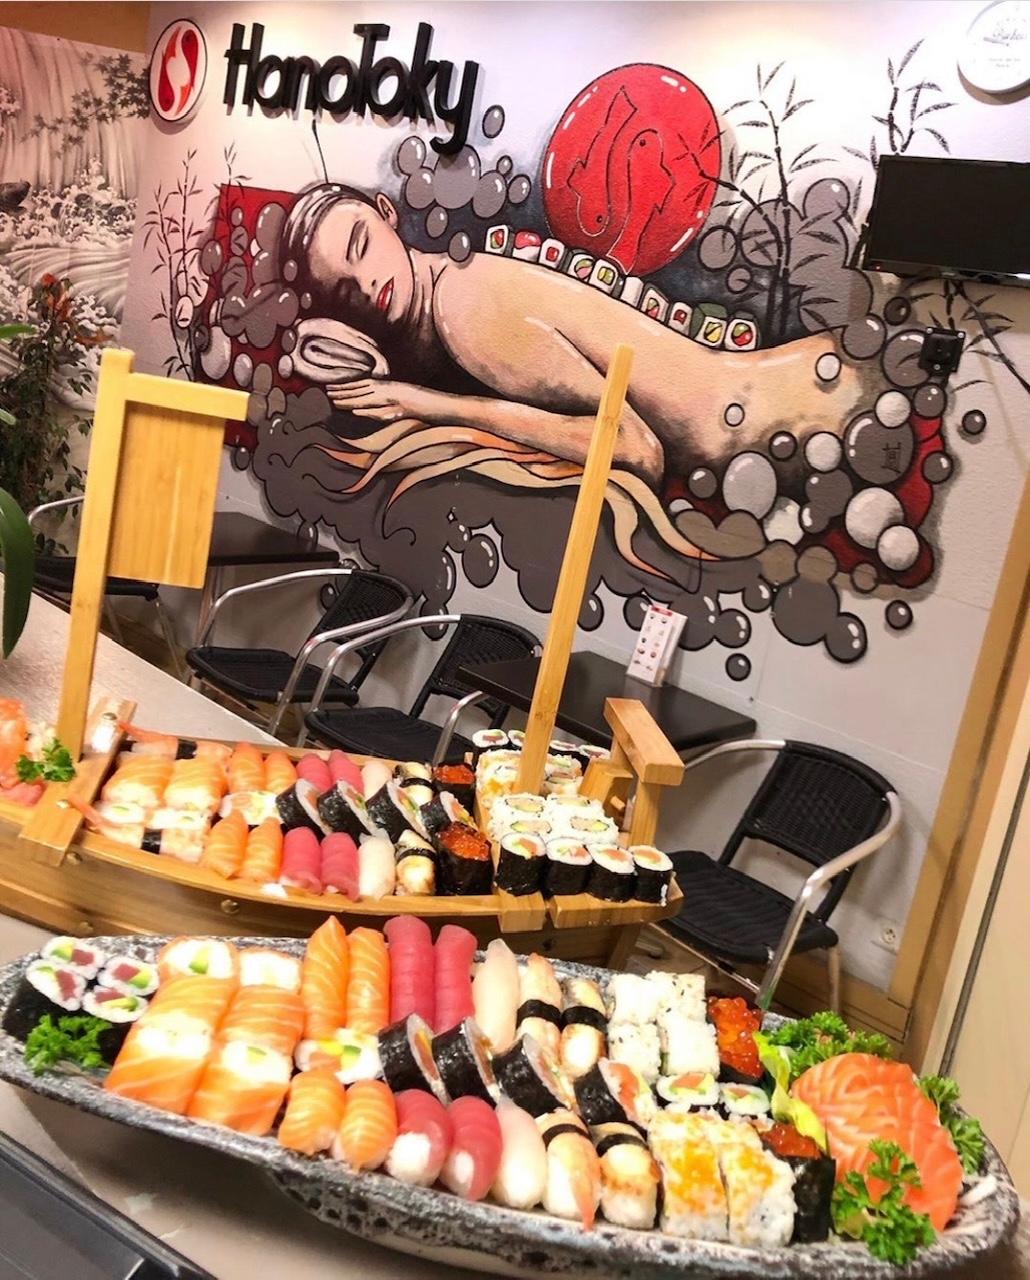 Hanotoky Sushi à Montélimar - 10